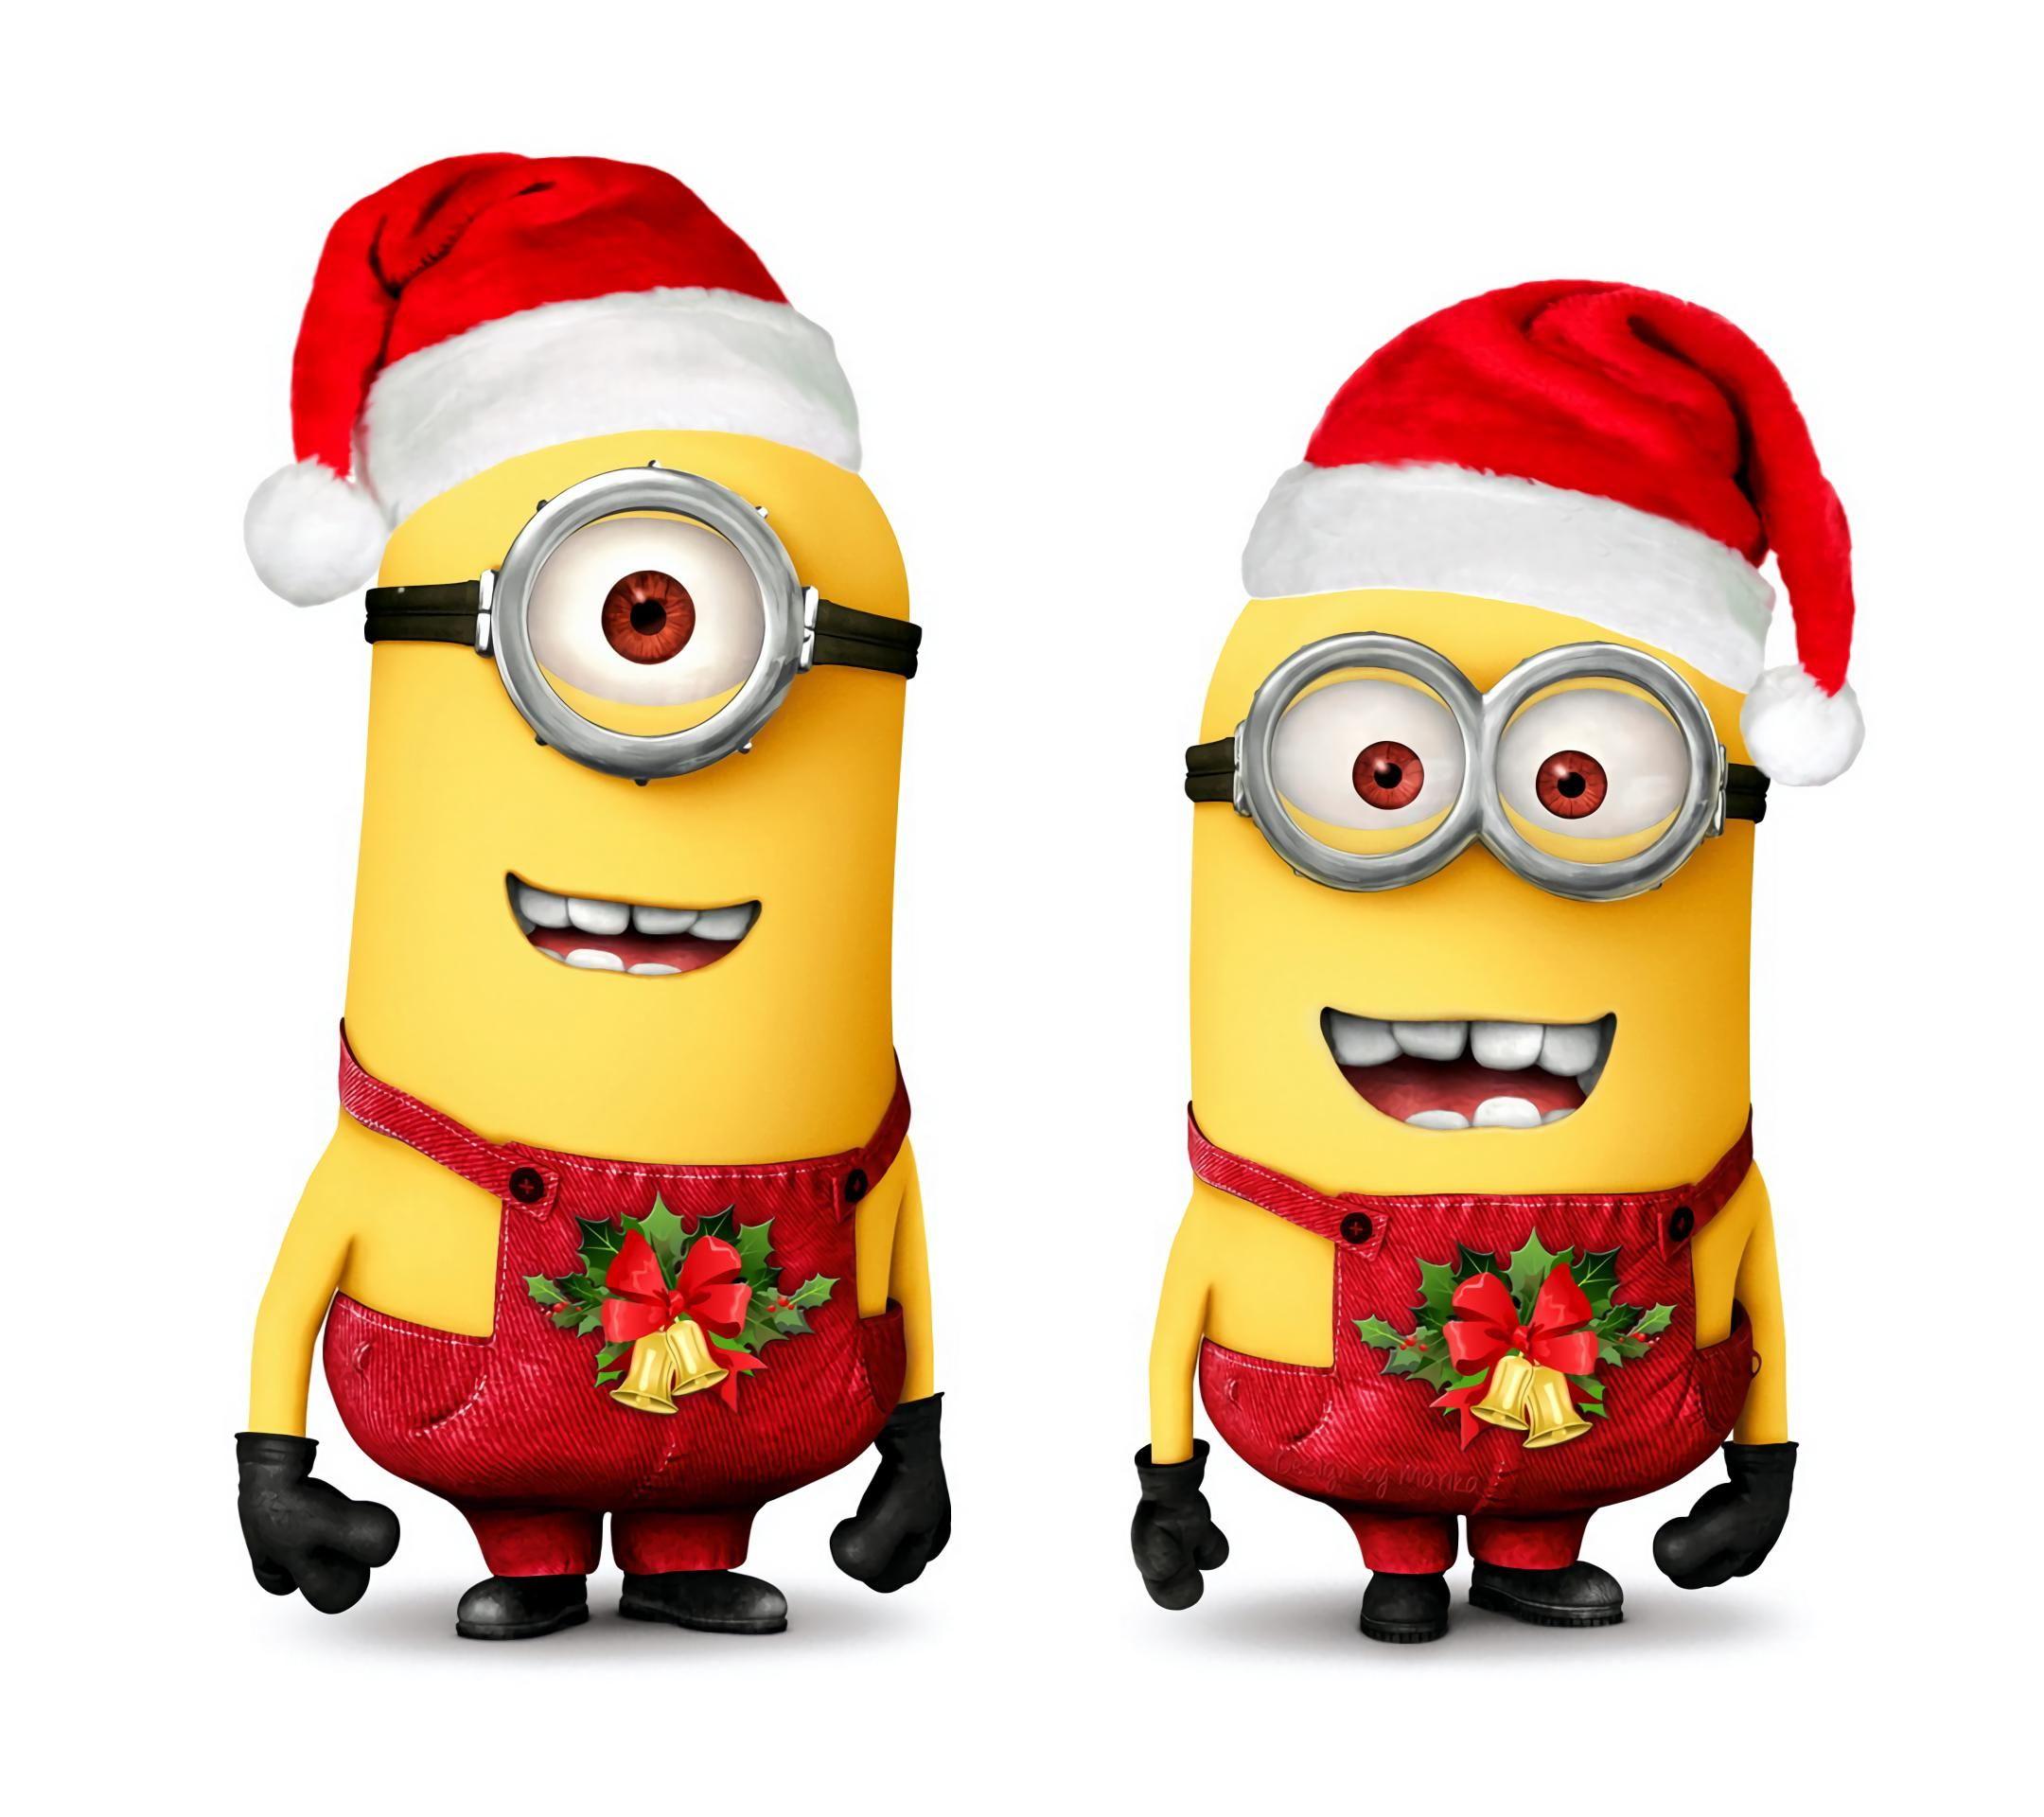 Weihnachts Minions